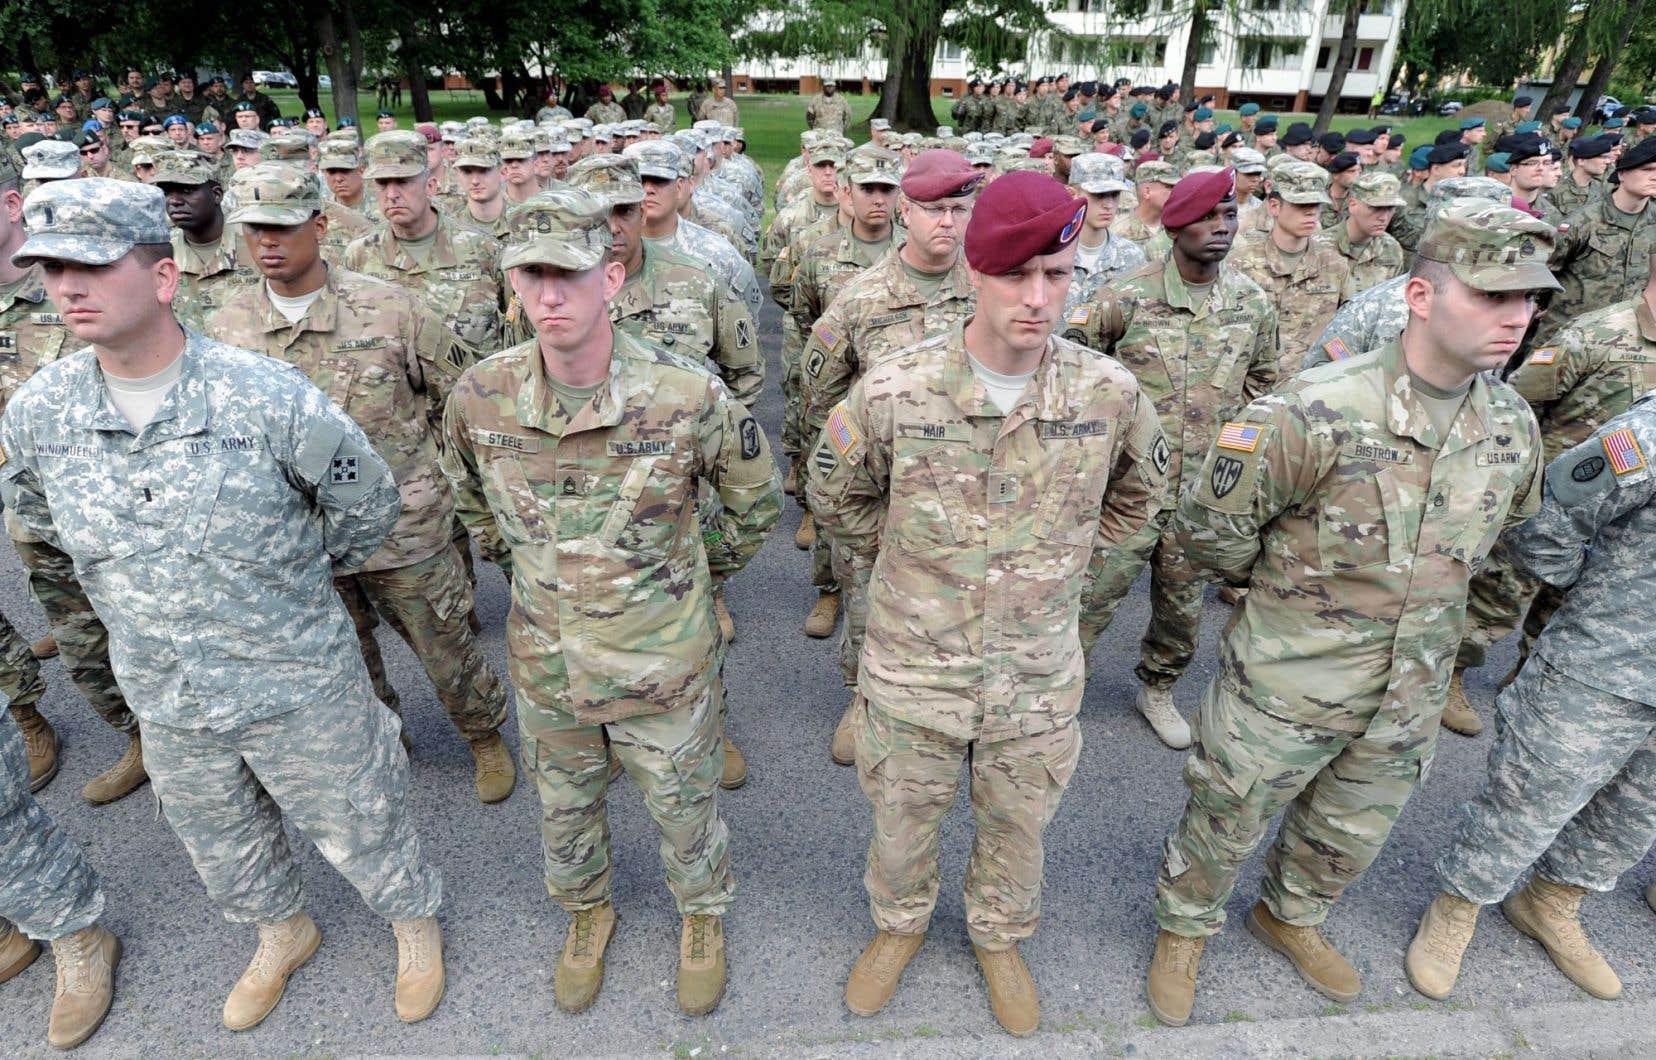 Le 6 juin dernier, pas moins de 31 000 soldats de différents pays ont participé à un exercice appelé «l'Union des Rouges», en Pologne.